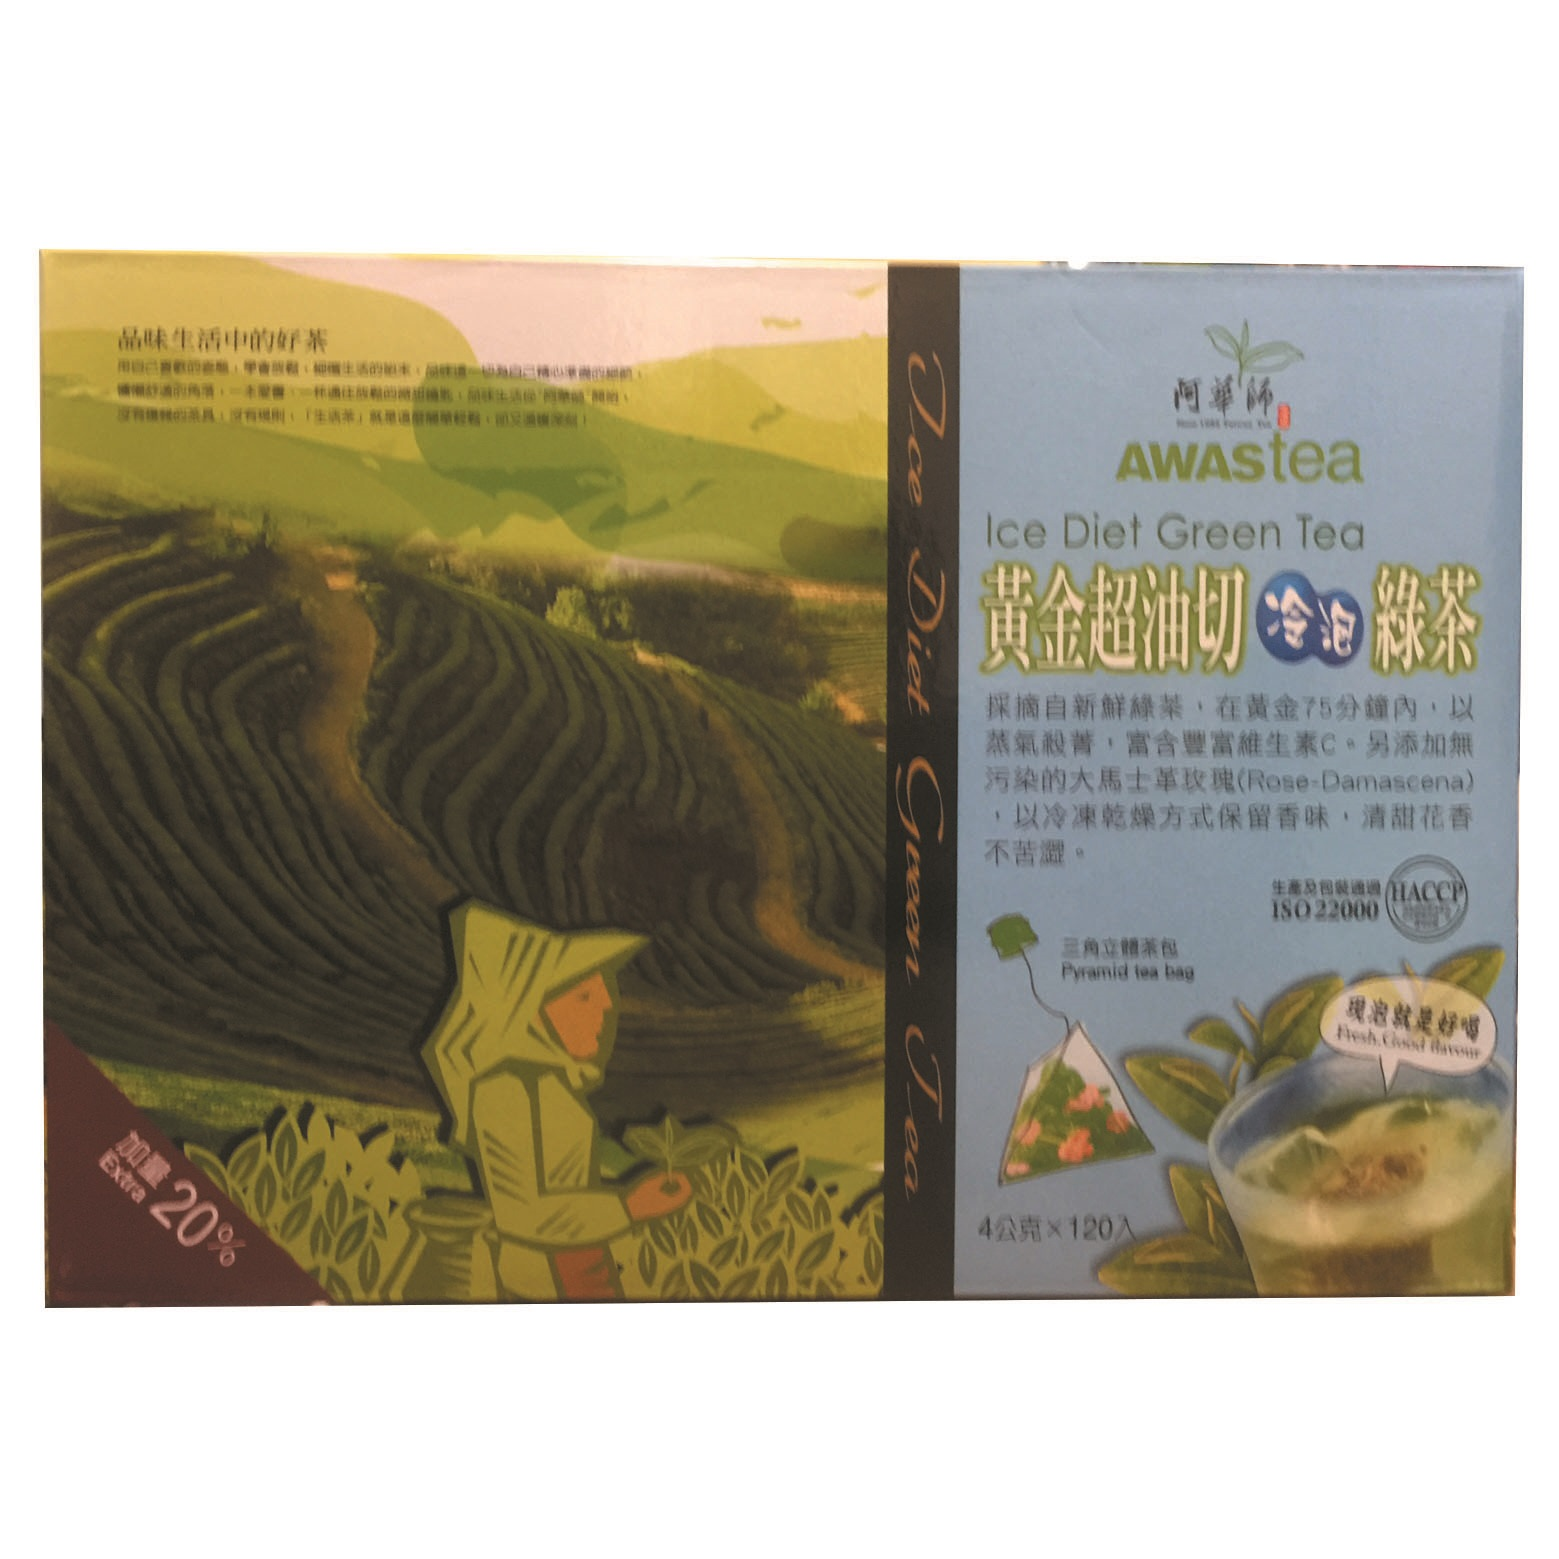 阿華師 黃金超油切日式綠茶 4g*1包